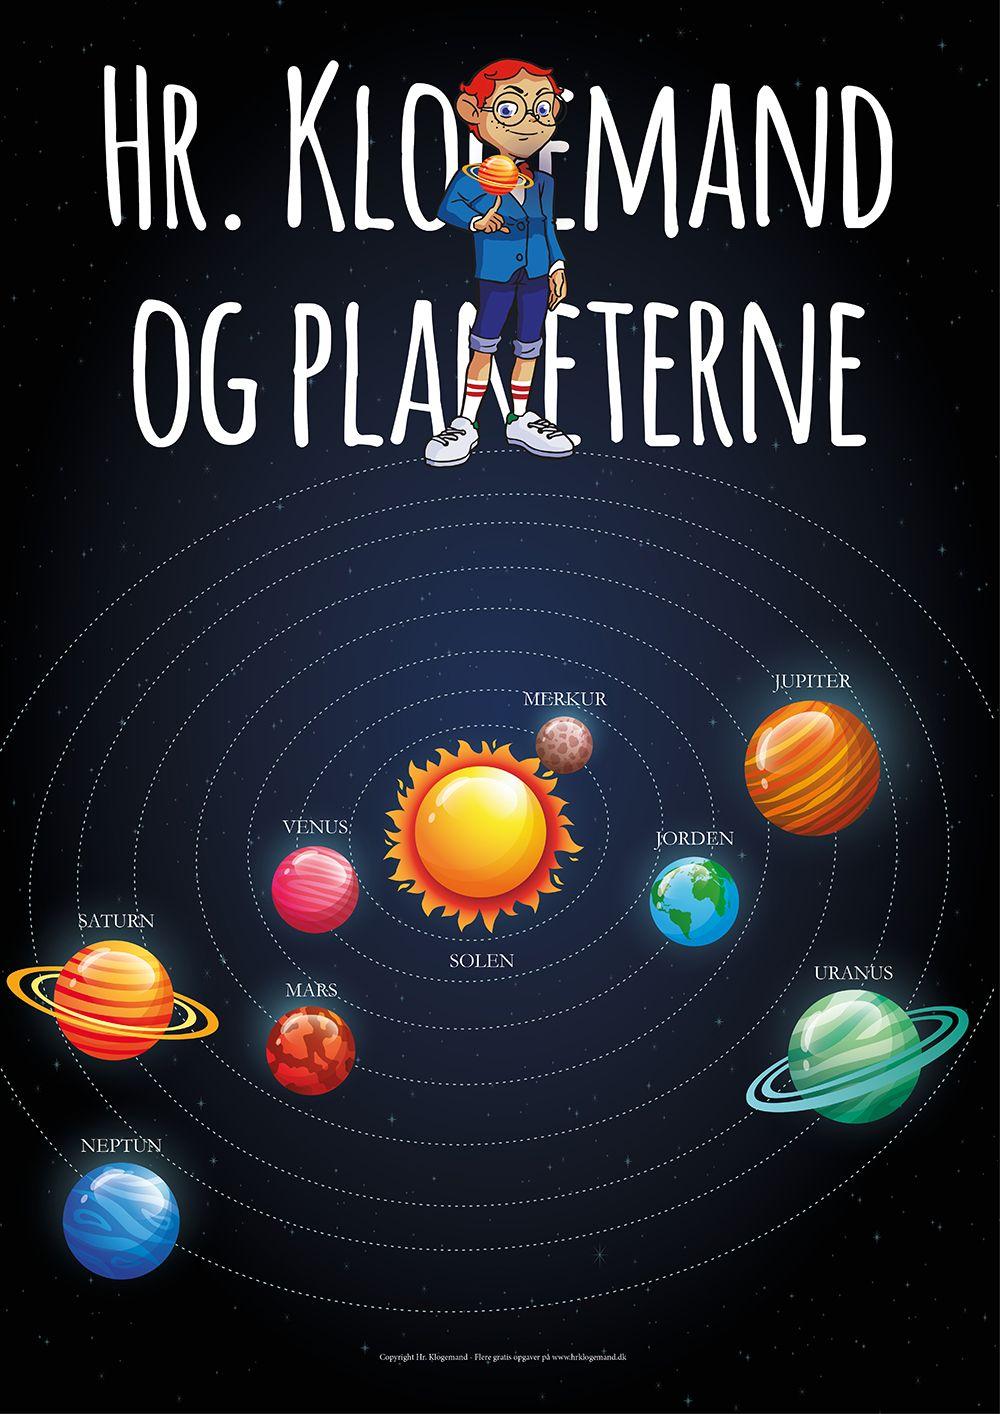 Hr Klogemand Og Planeterne Plakat Matematikopgaver Specialundervisning Laeringsplancher